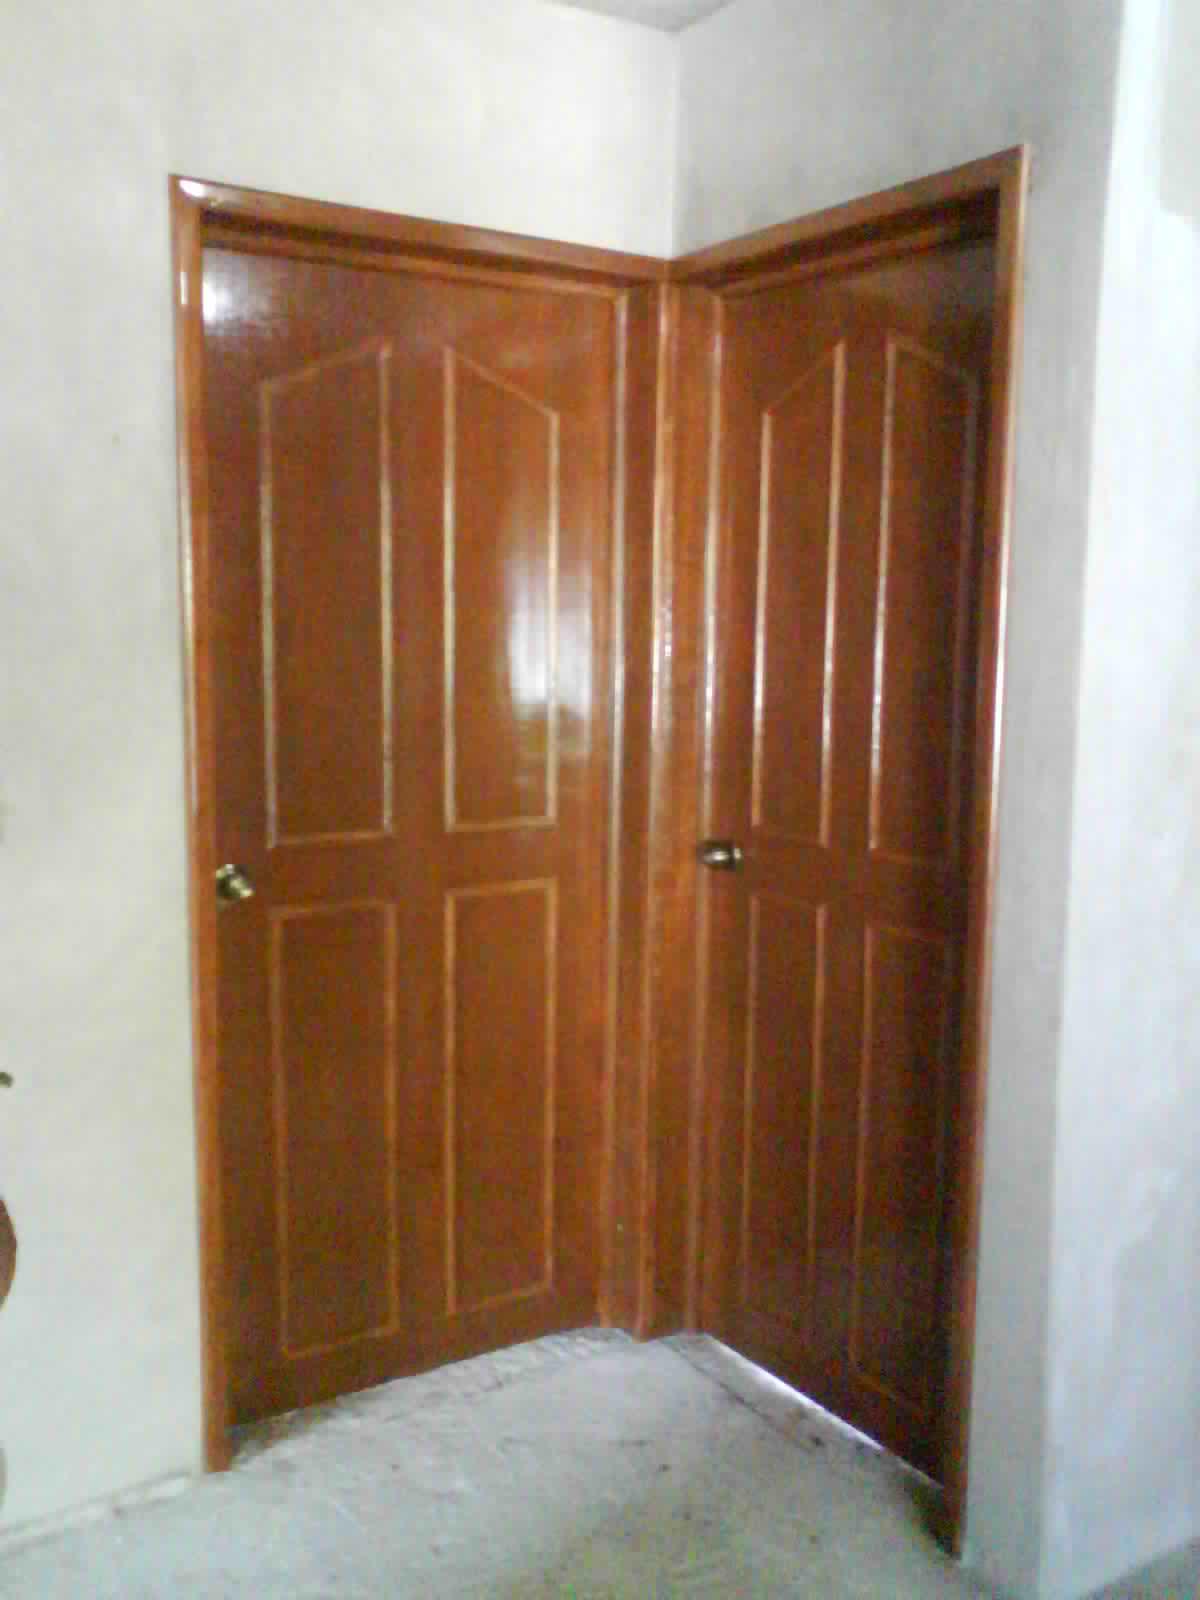 Puertas De Baño Alfa S A:PUERTA DE TAMBOR CON TRIPLAY DE CAOBILLA DE 6mm